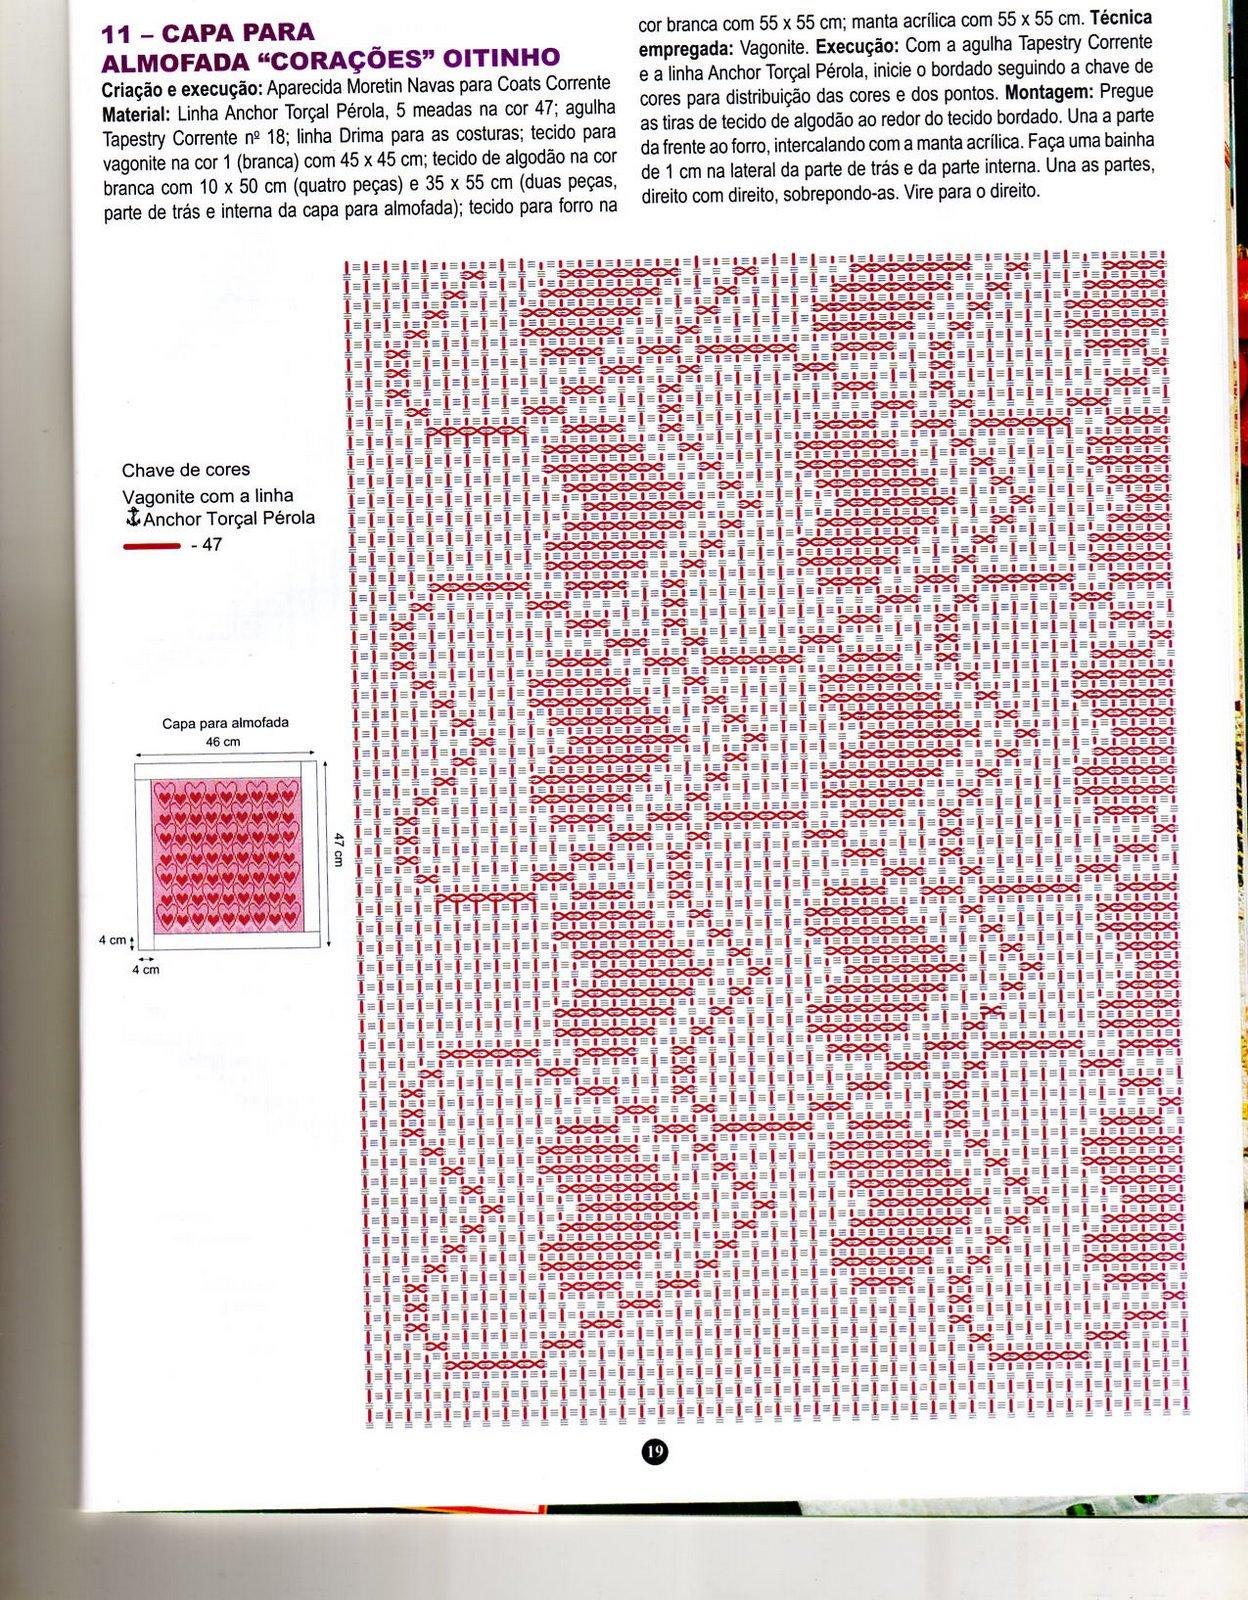 grafico da capa